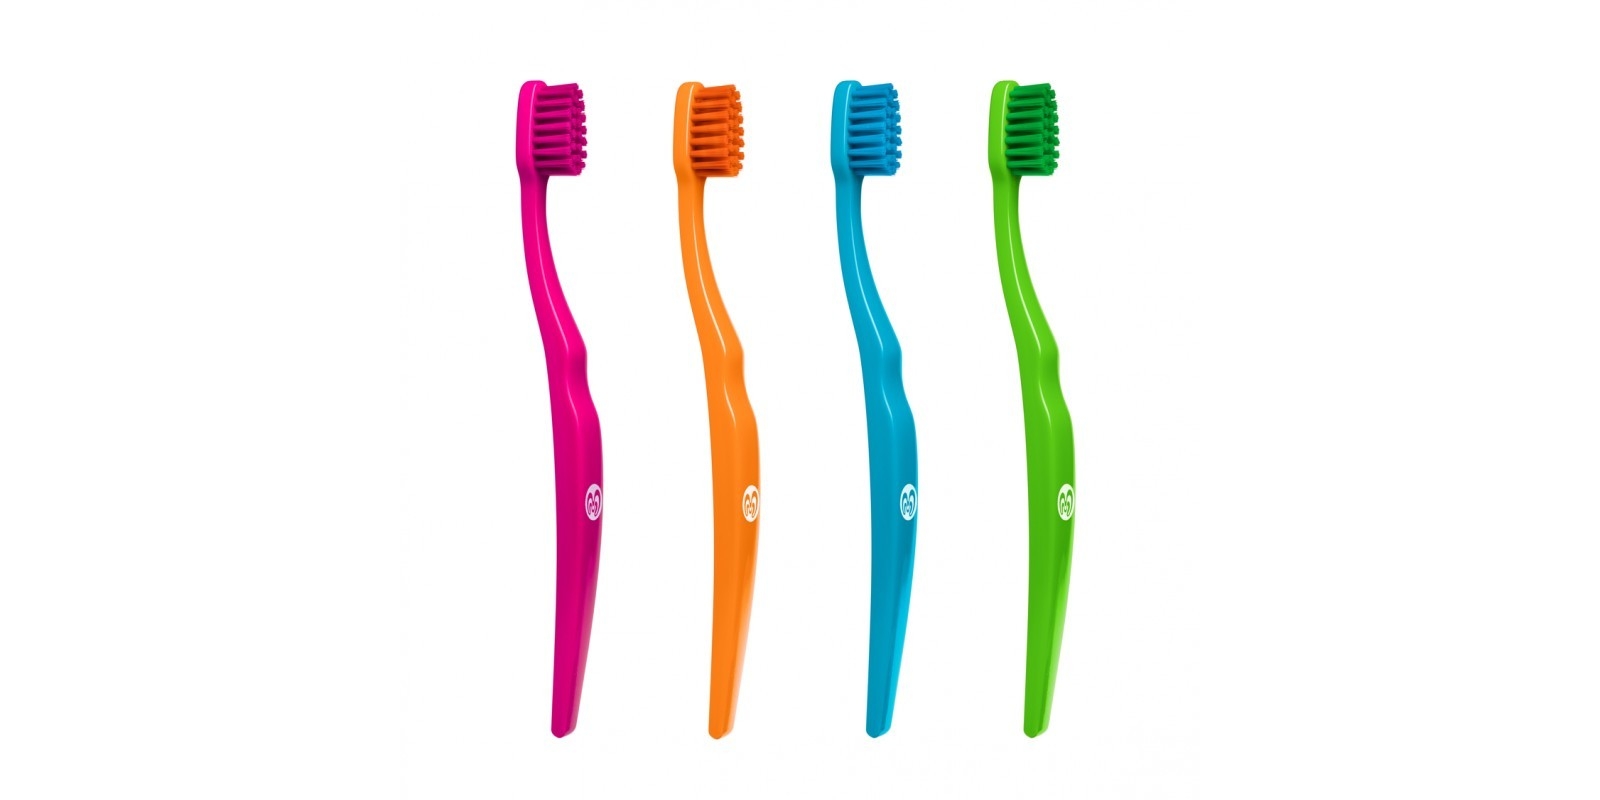 Toothbrush for kids Biobrush - EcoFamily